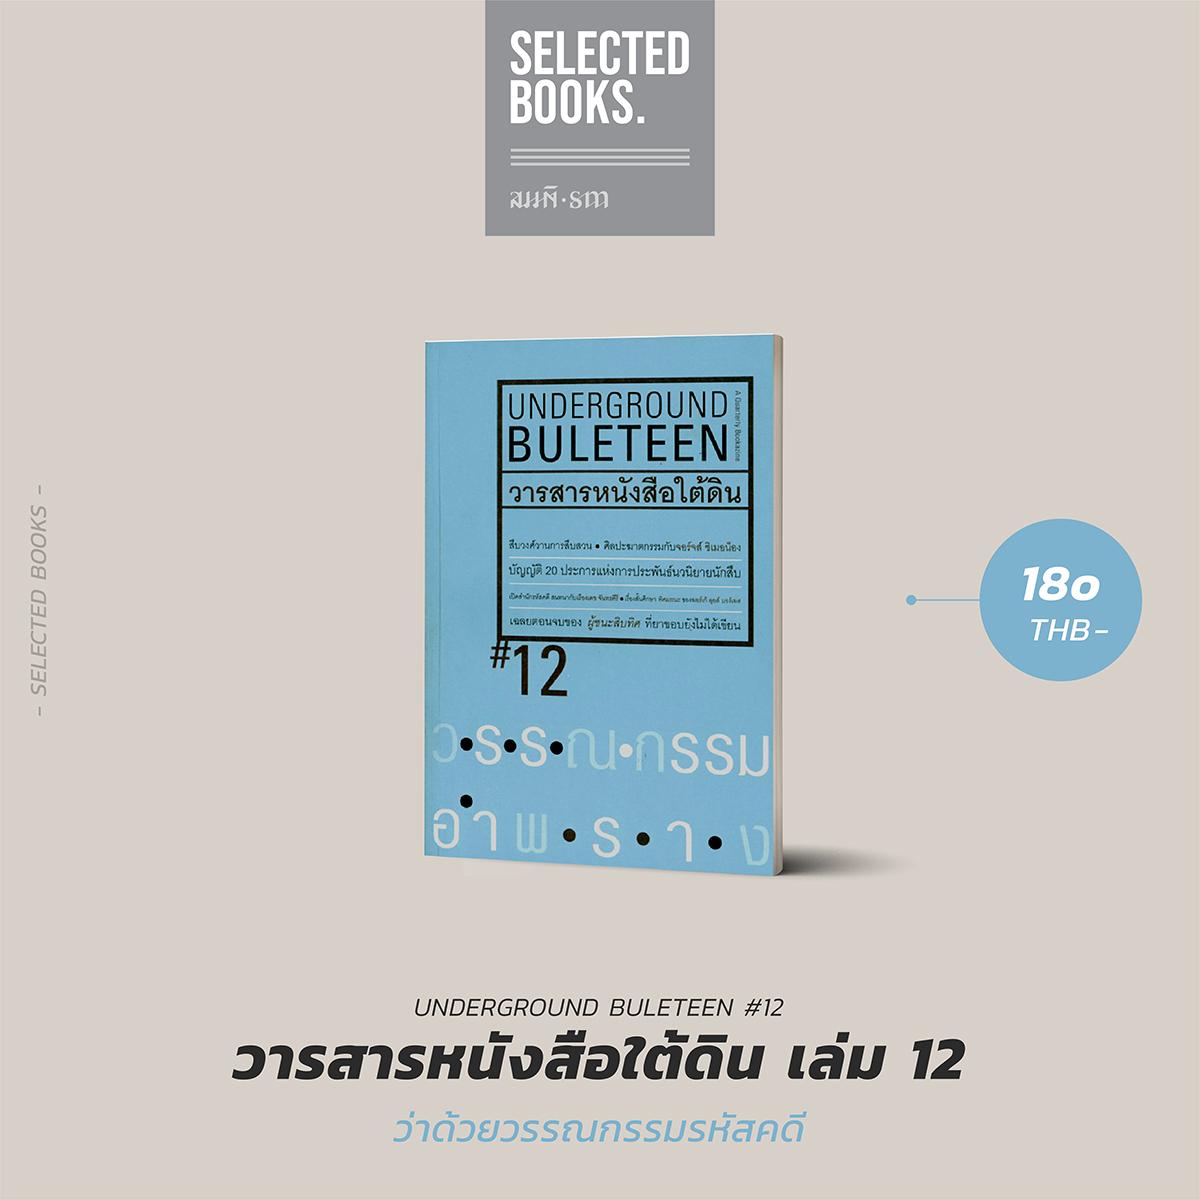 วารสารหนังสือใต้ดิน เล่ม 12 (UNDERGROUND BULETEEN 12)